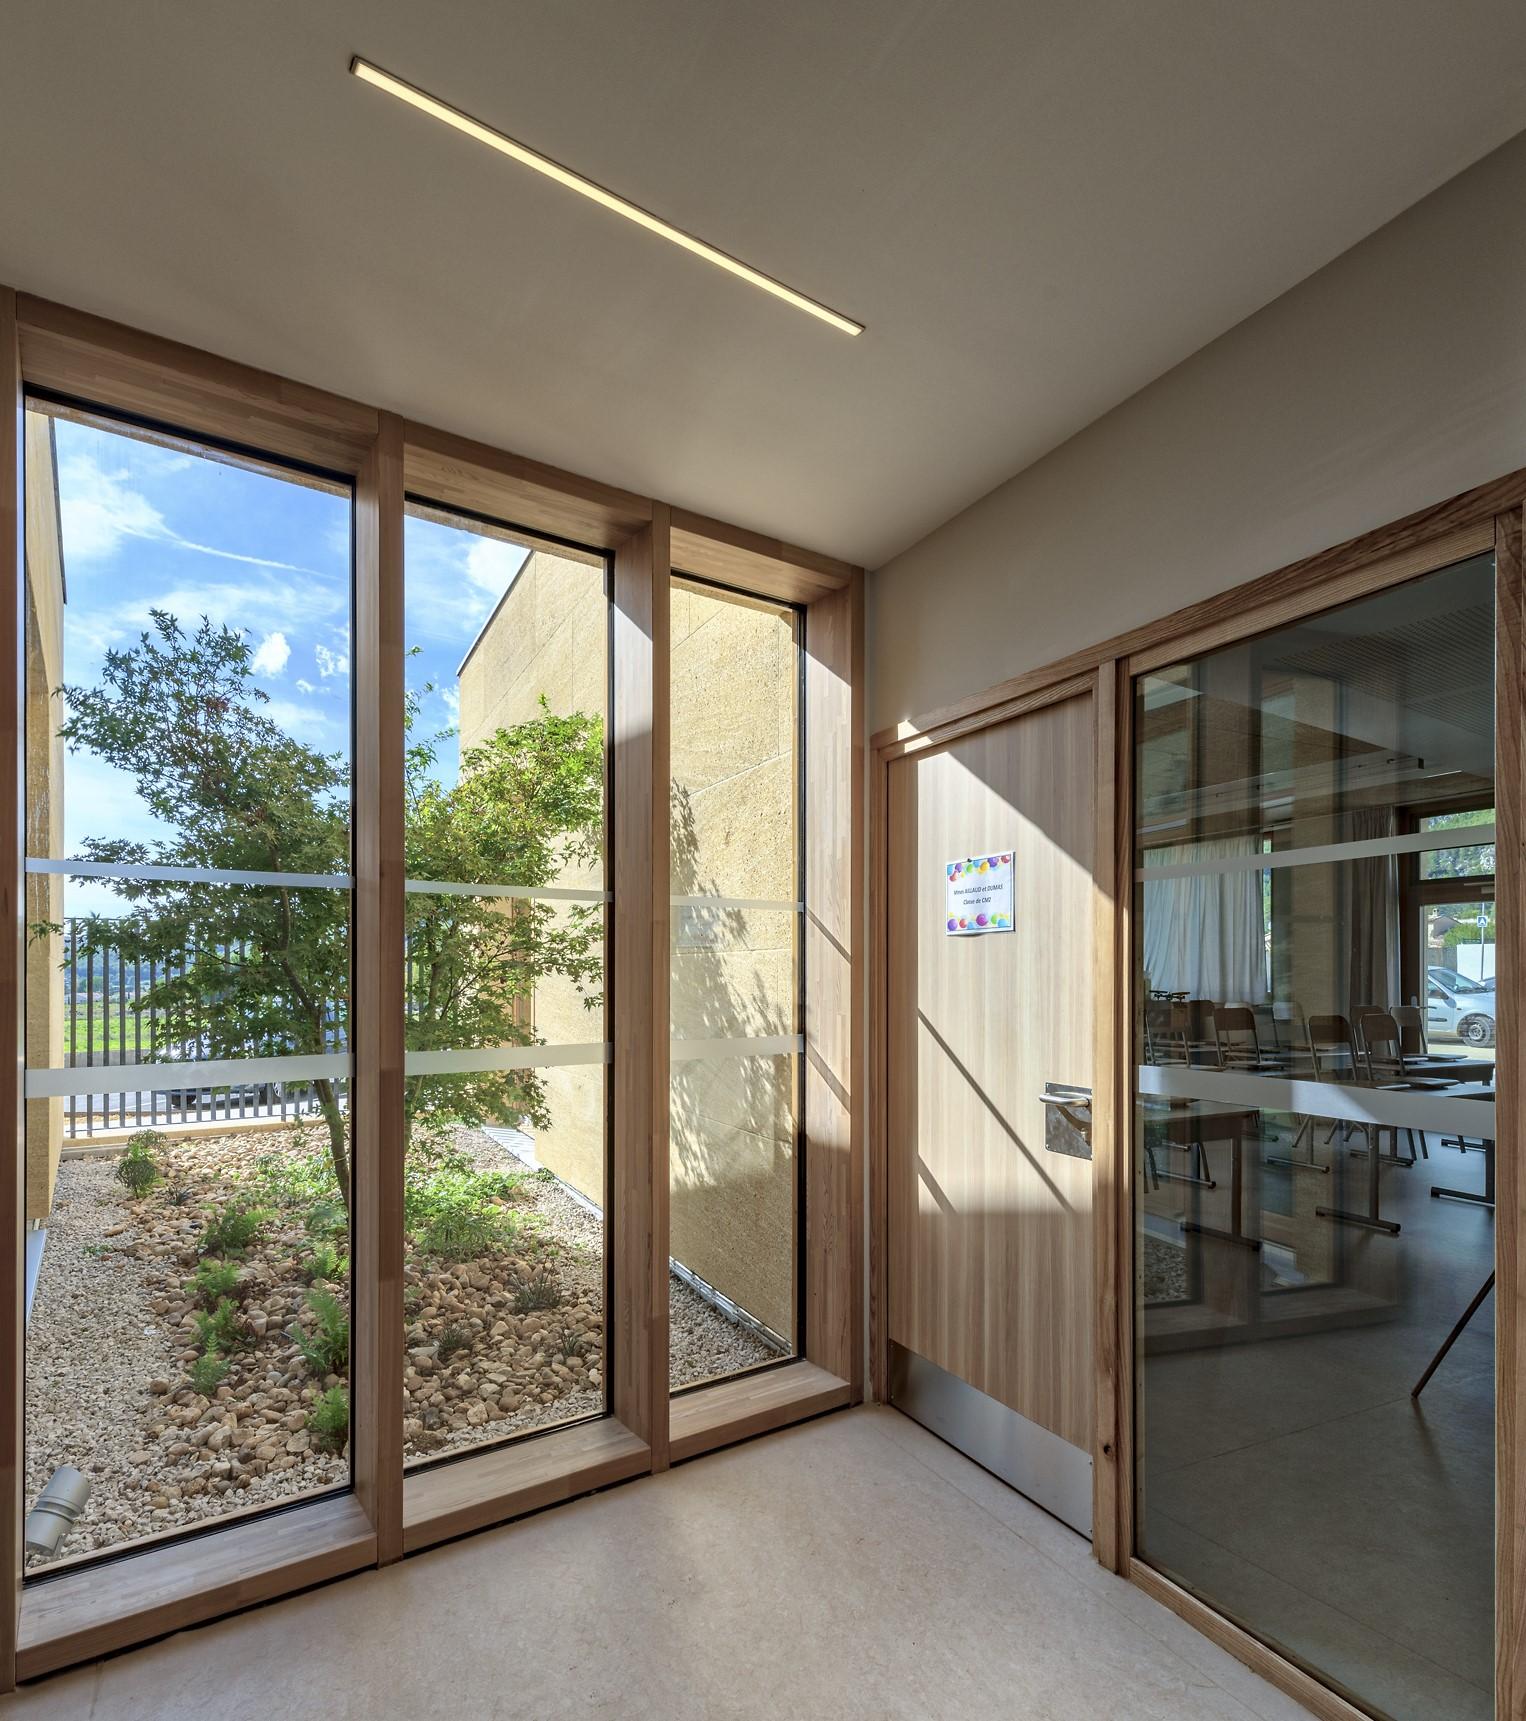 Eclairage d'un couloir dans l'école Simone Veil